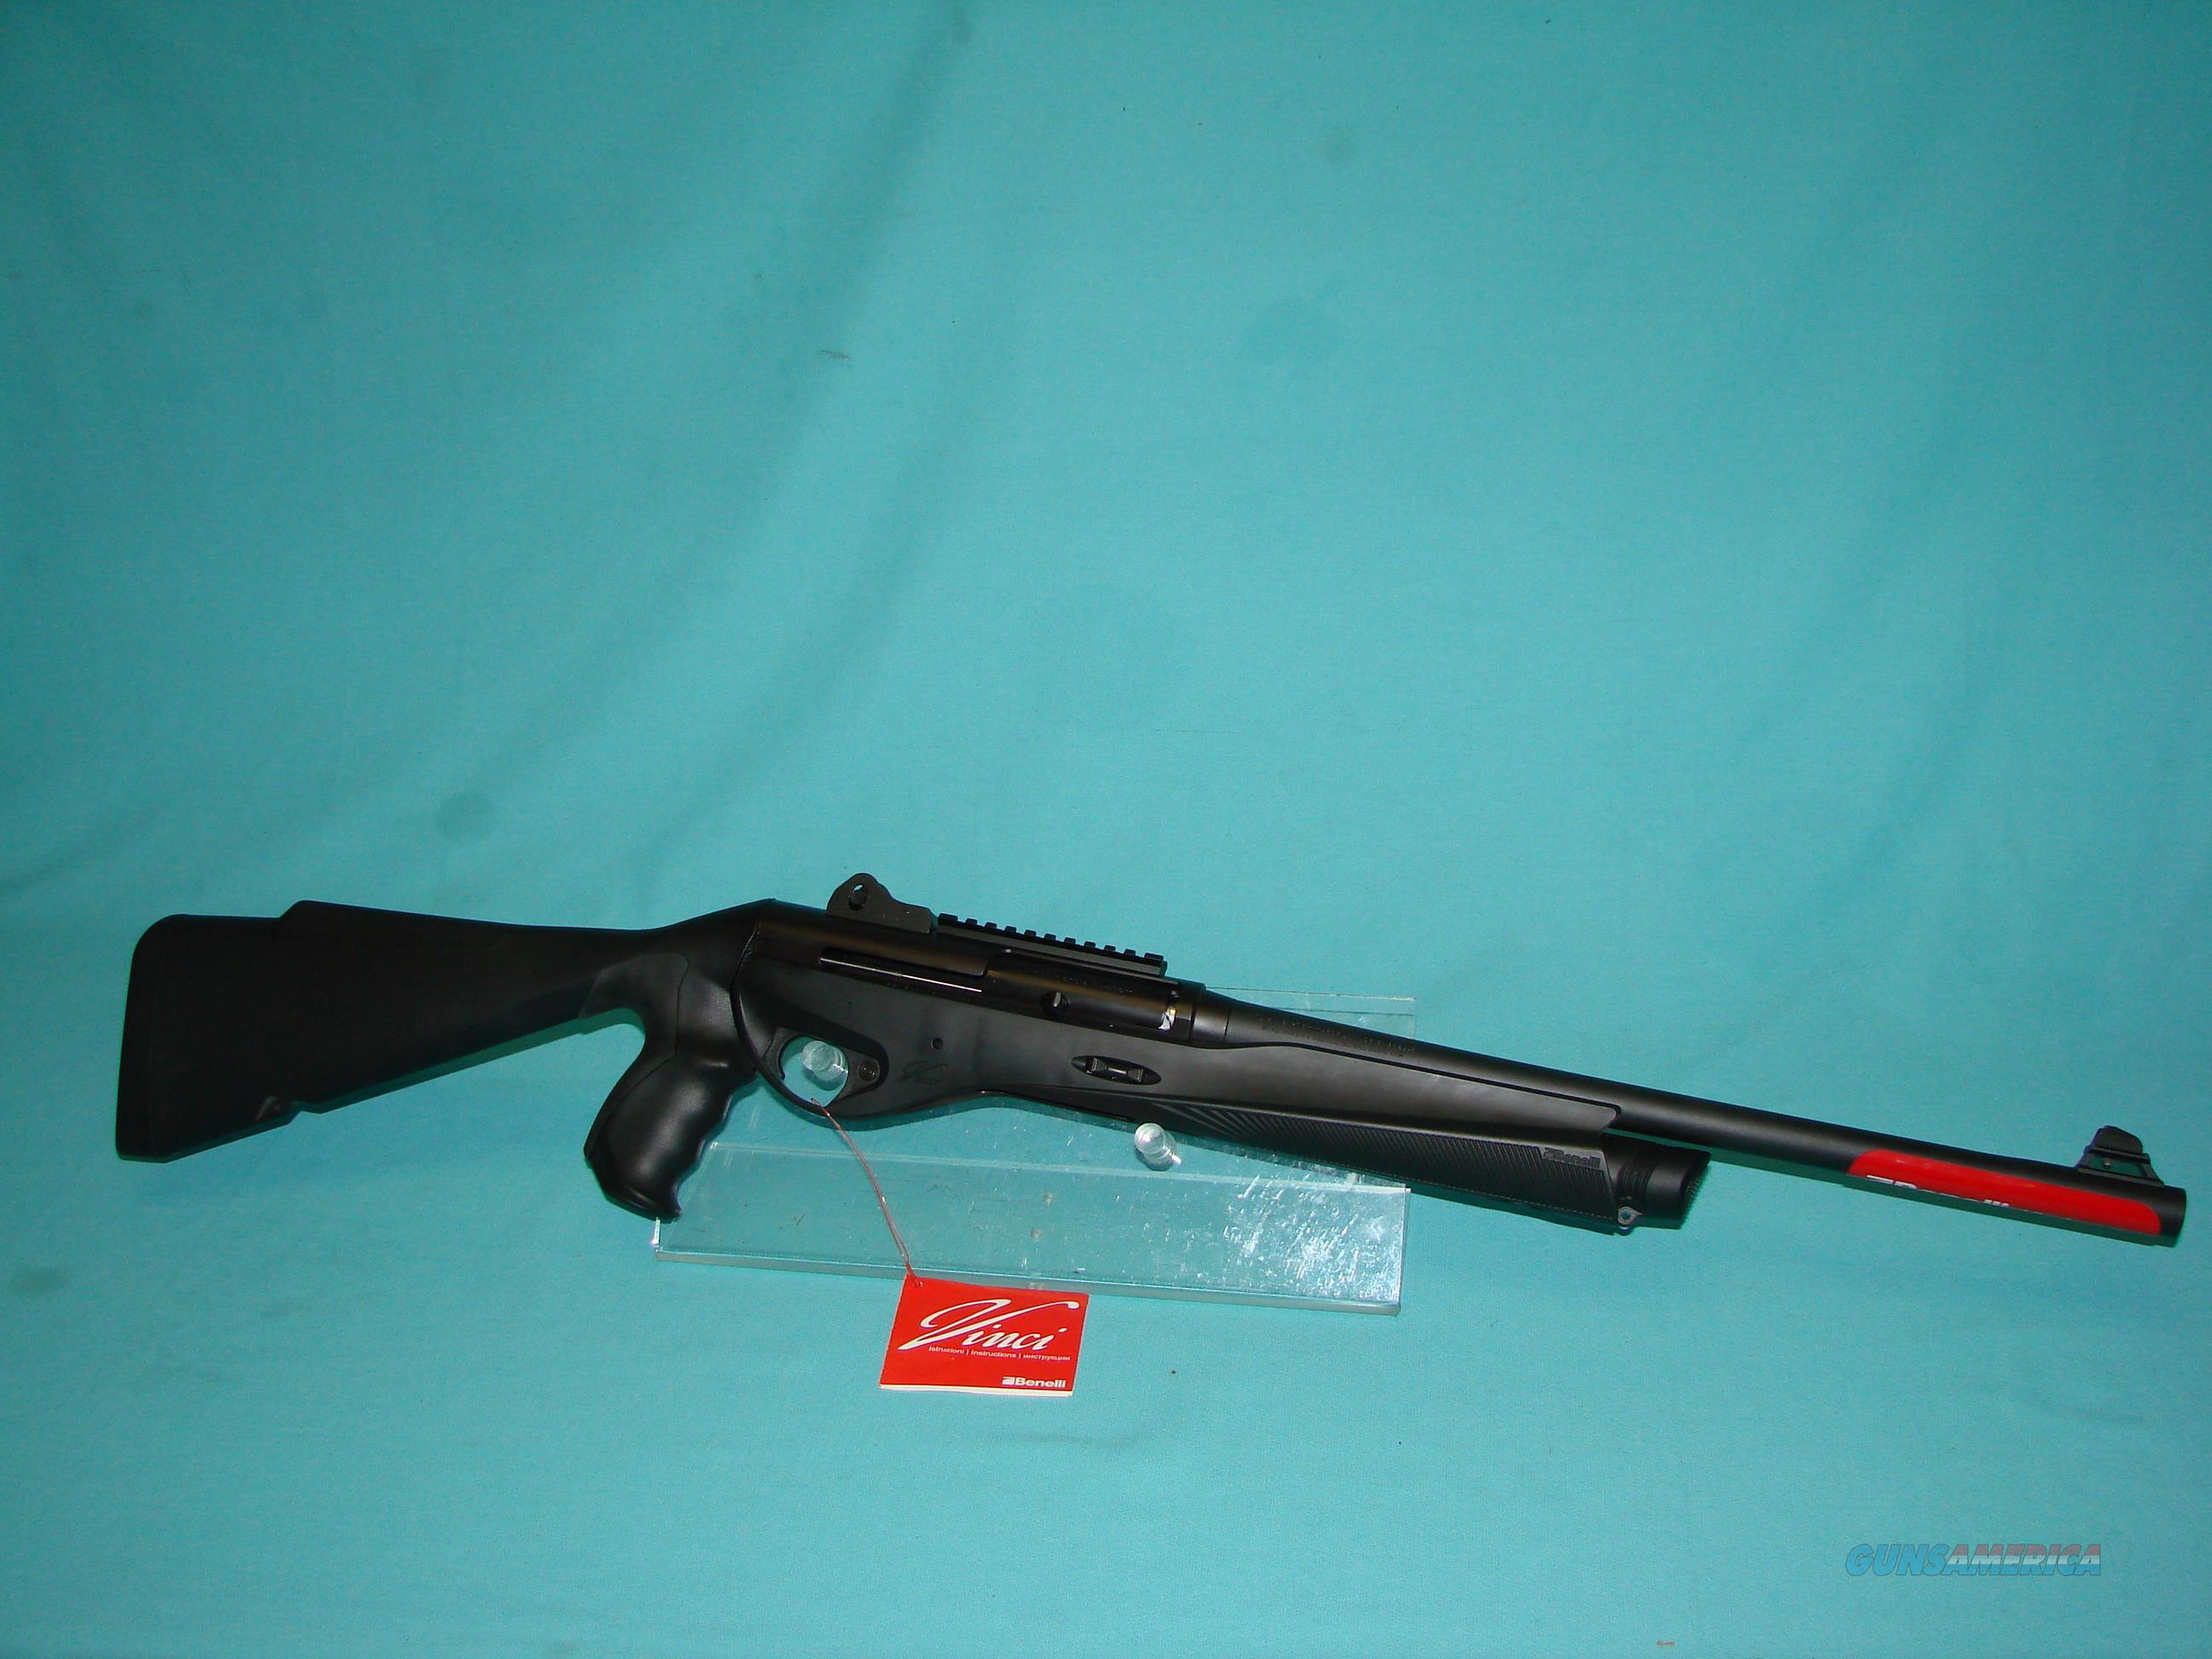 Benelli Vinci Tactical  Guns > Shotguns > Benelli Shotguns > Tactical